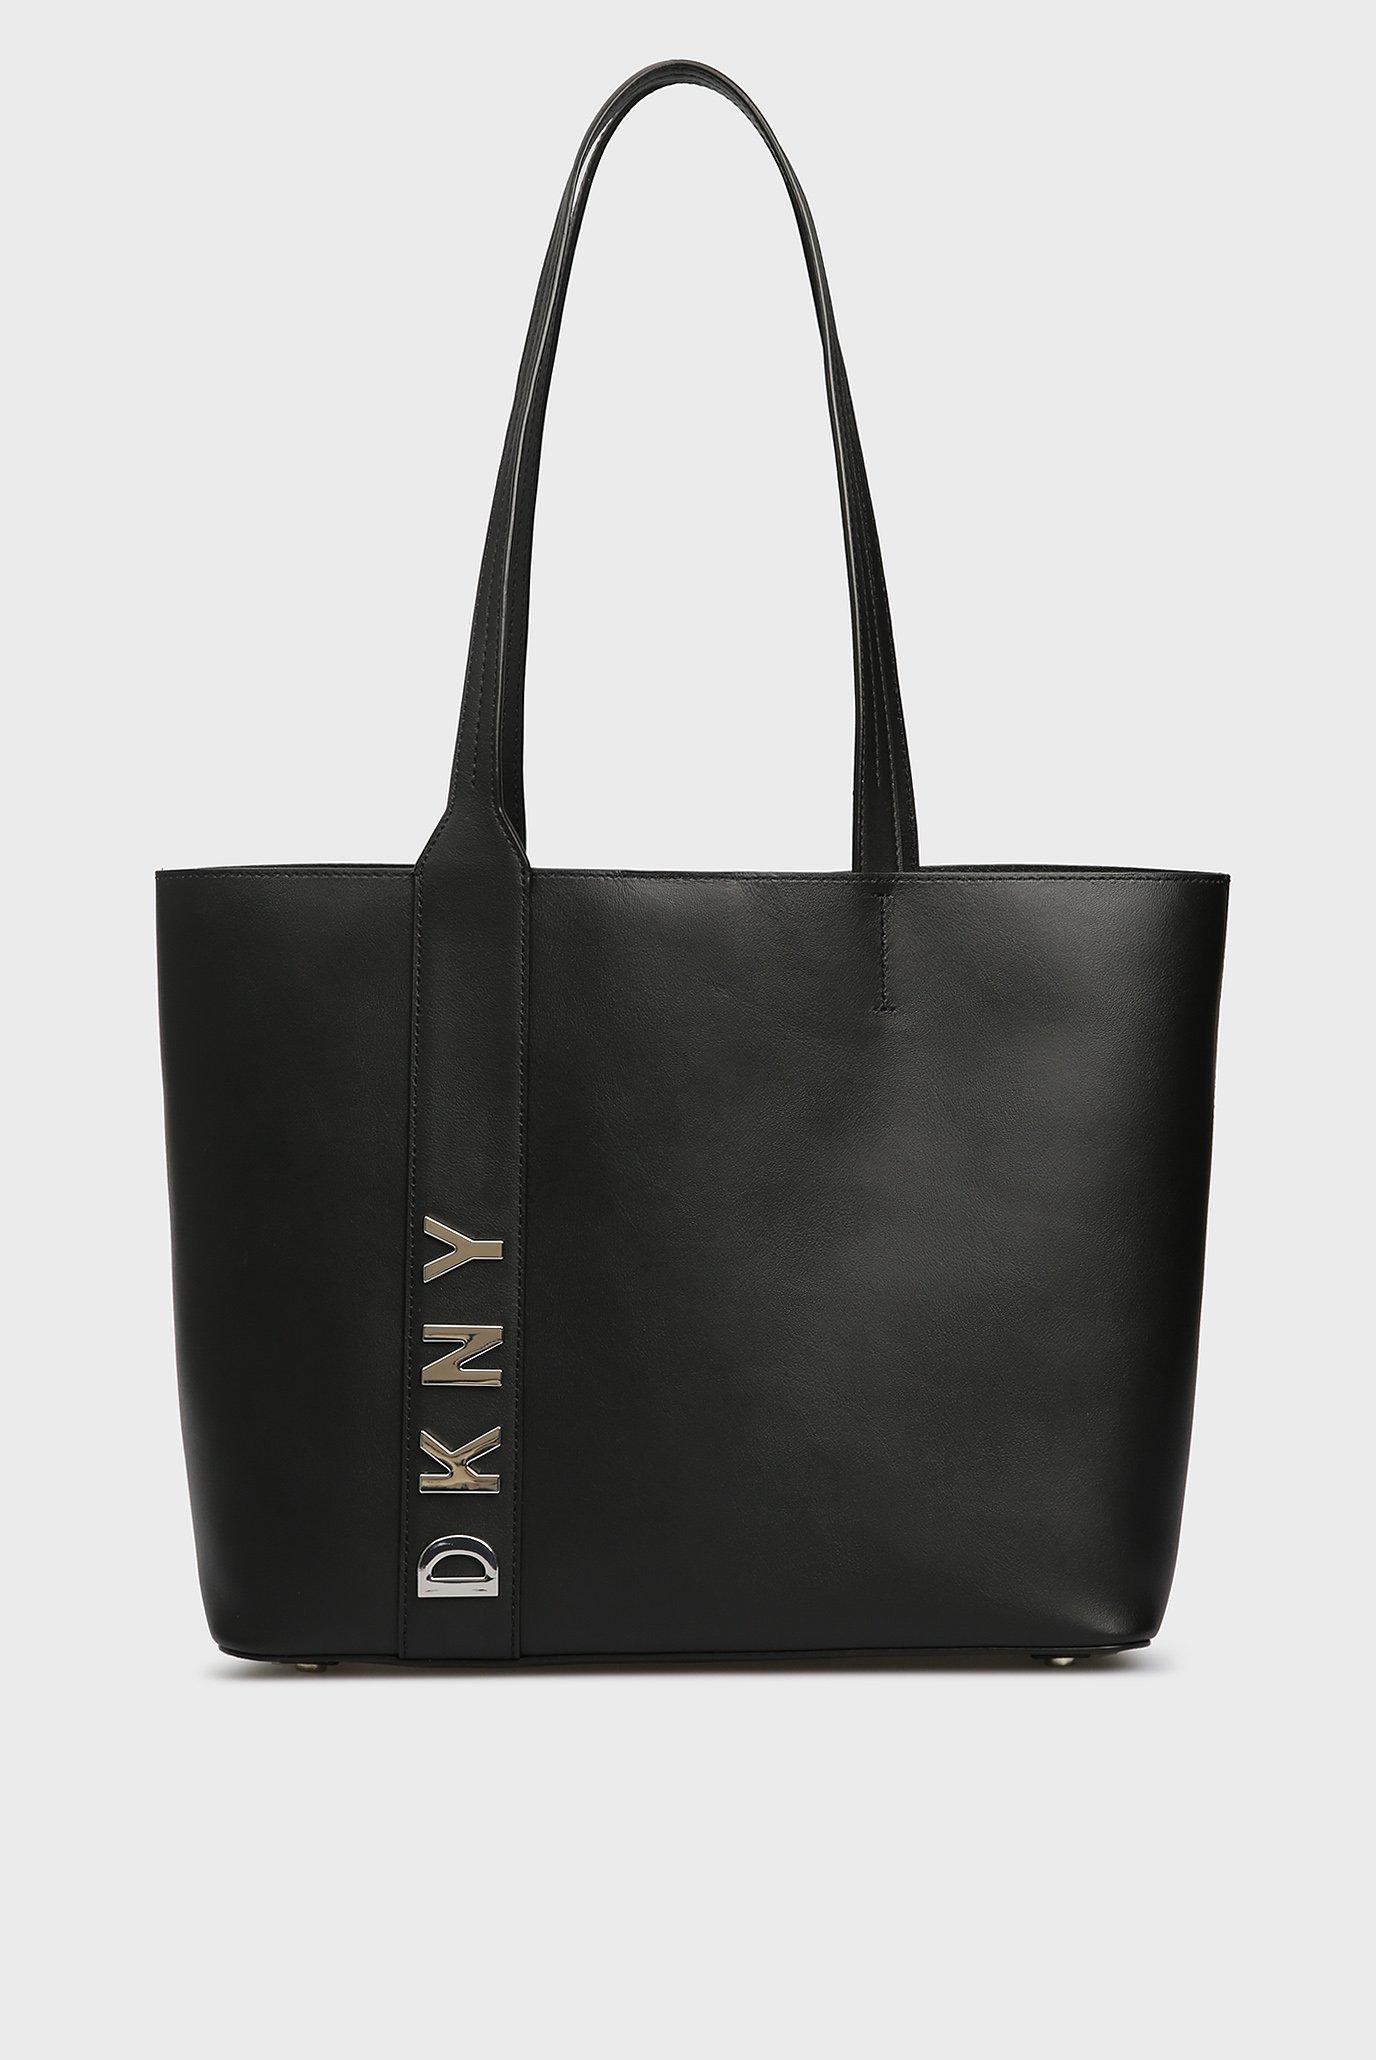 13ef17c0e991 Купить Женская черная кожаная сумка на плечо DKNY DKNY R83AH641 – Киев,  Украина. Цены в интернет магазине ...